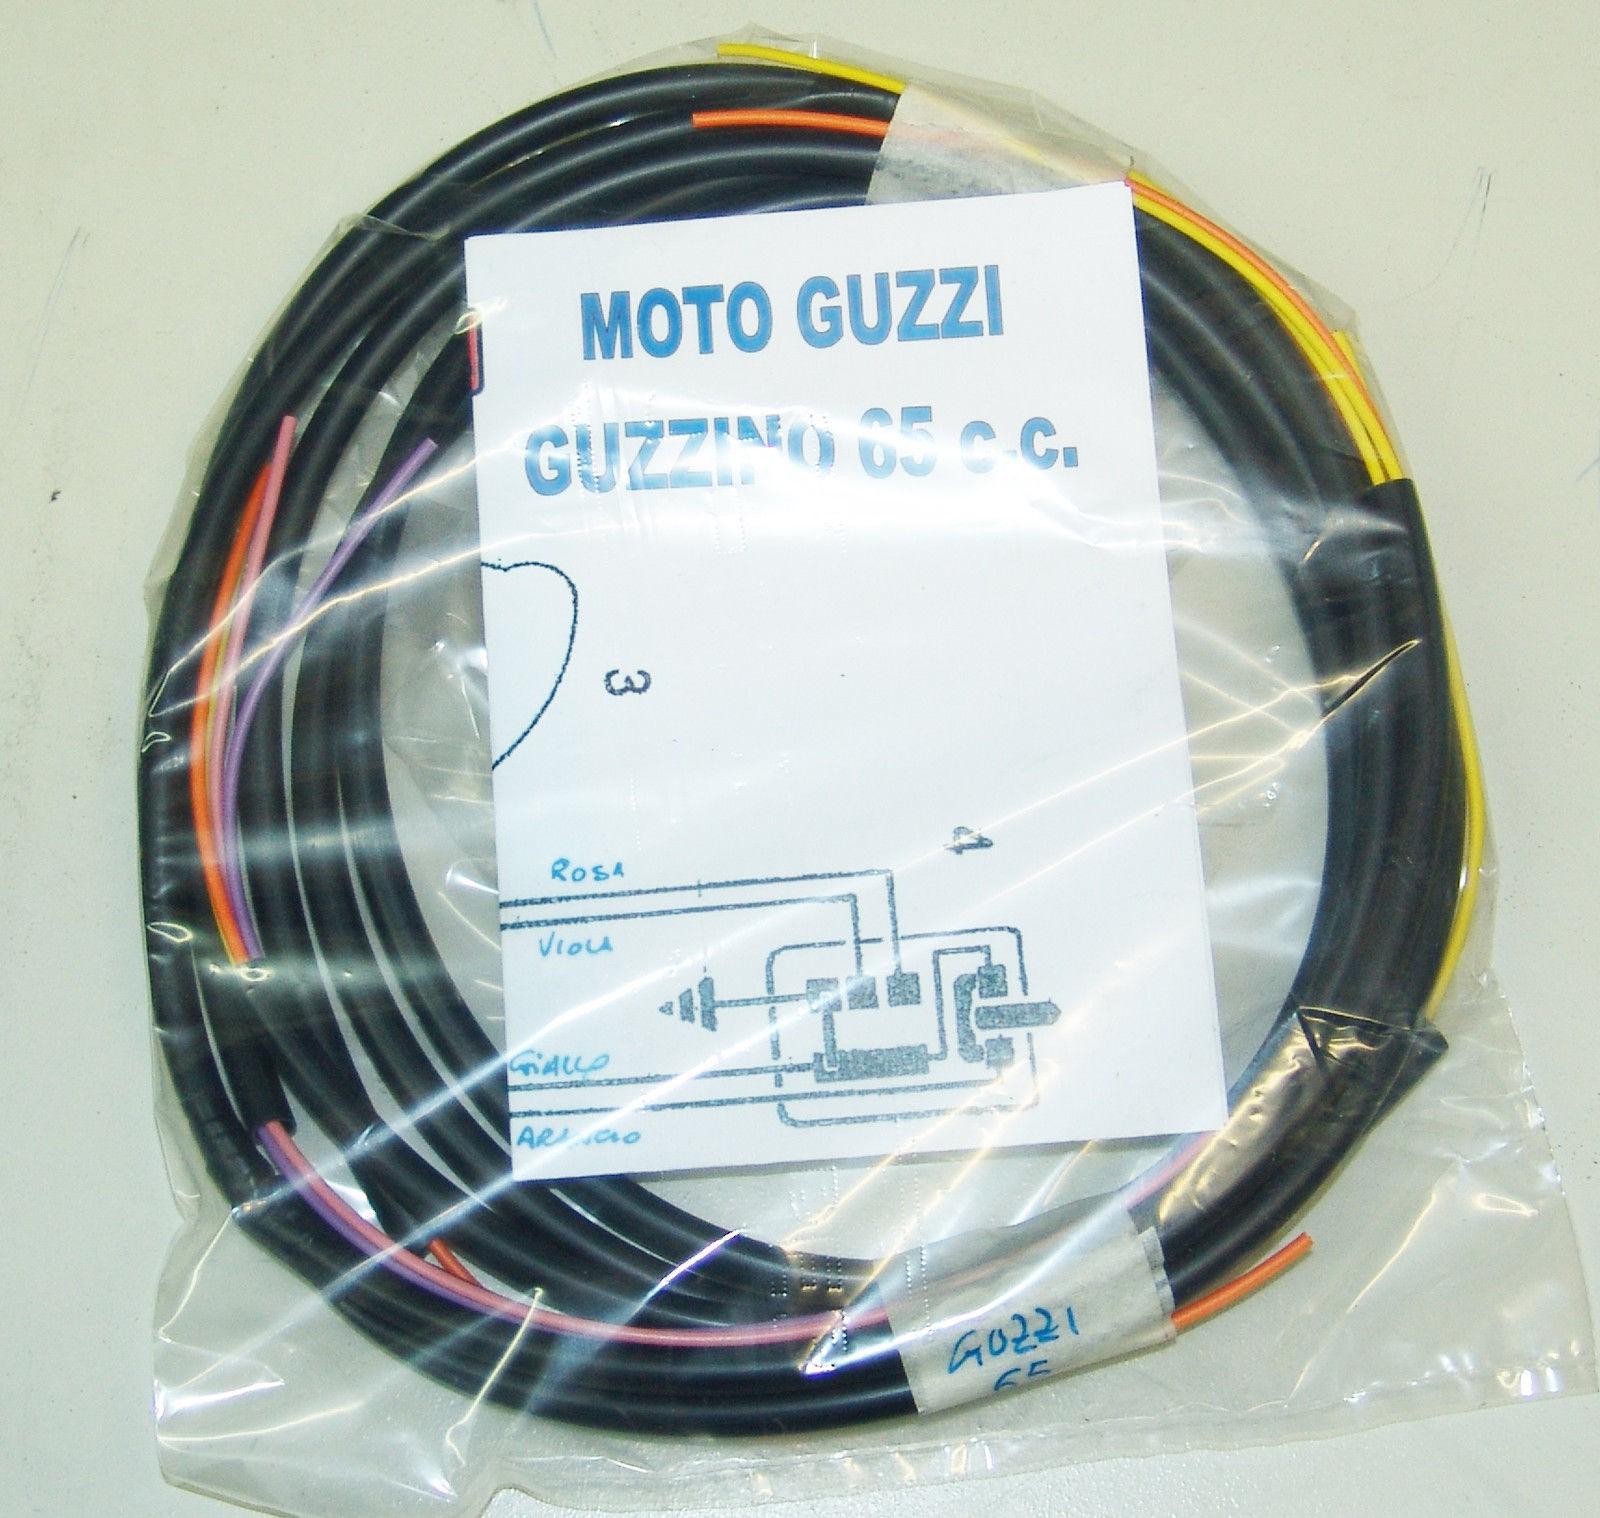 Schemi Elettrici Moto : Impianti elettrici moto: impianto elettrico electrical wiring moto